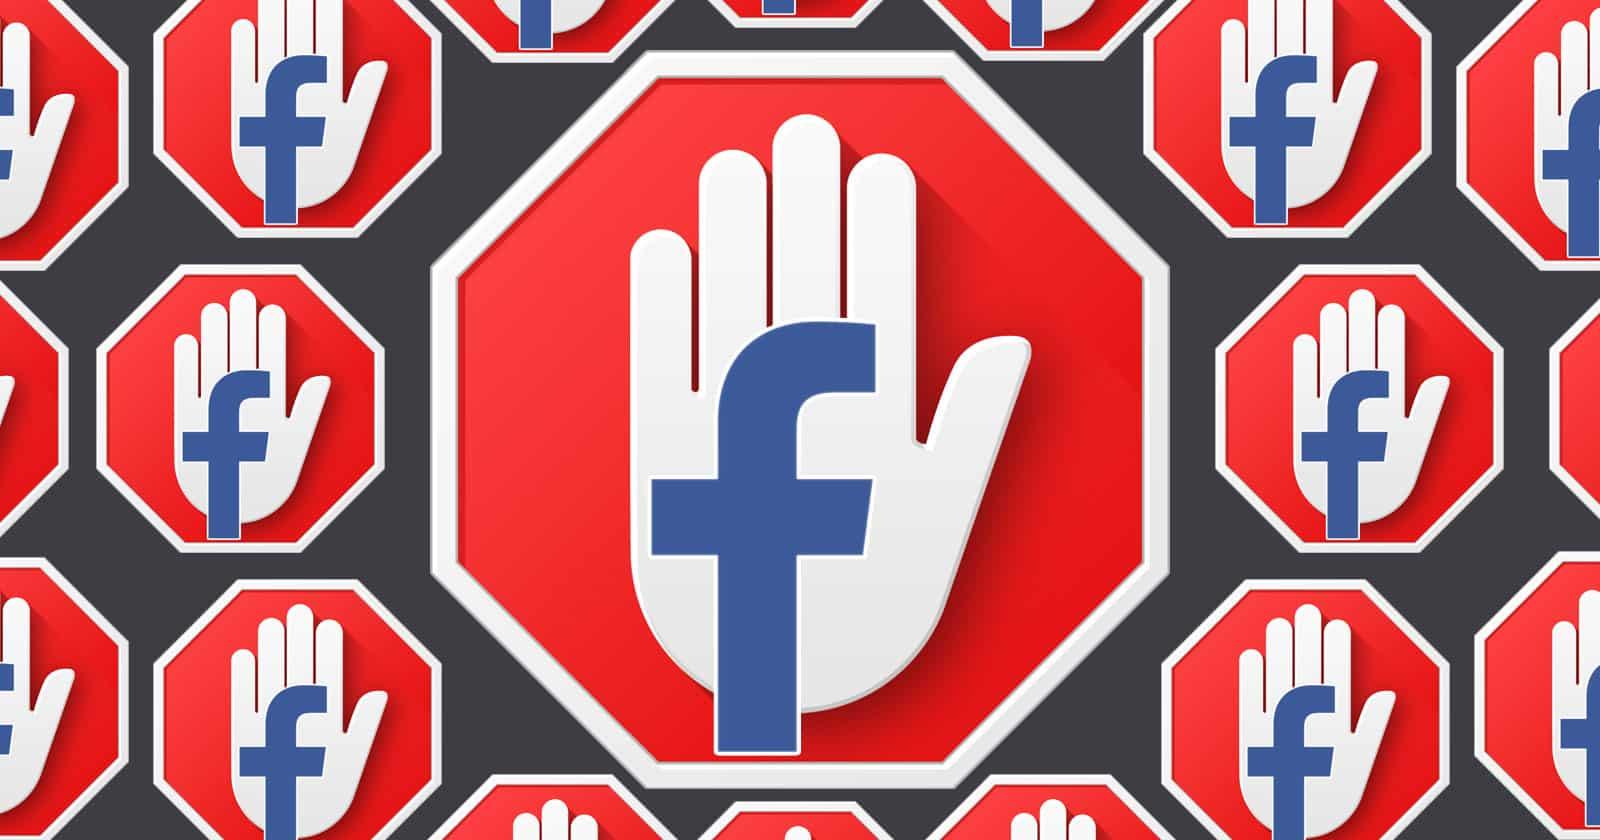 Adblock فيس بوك ينضم إلى حرب الناشرين على Adblock وقريبا جوجل